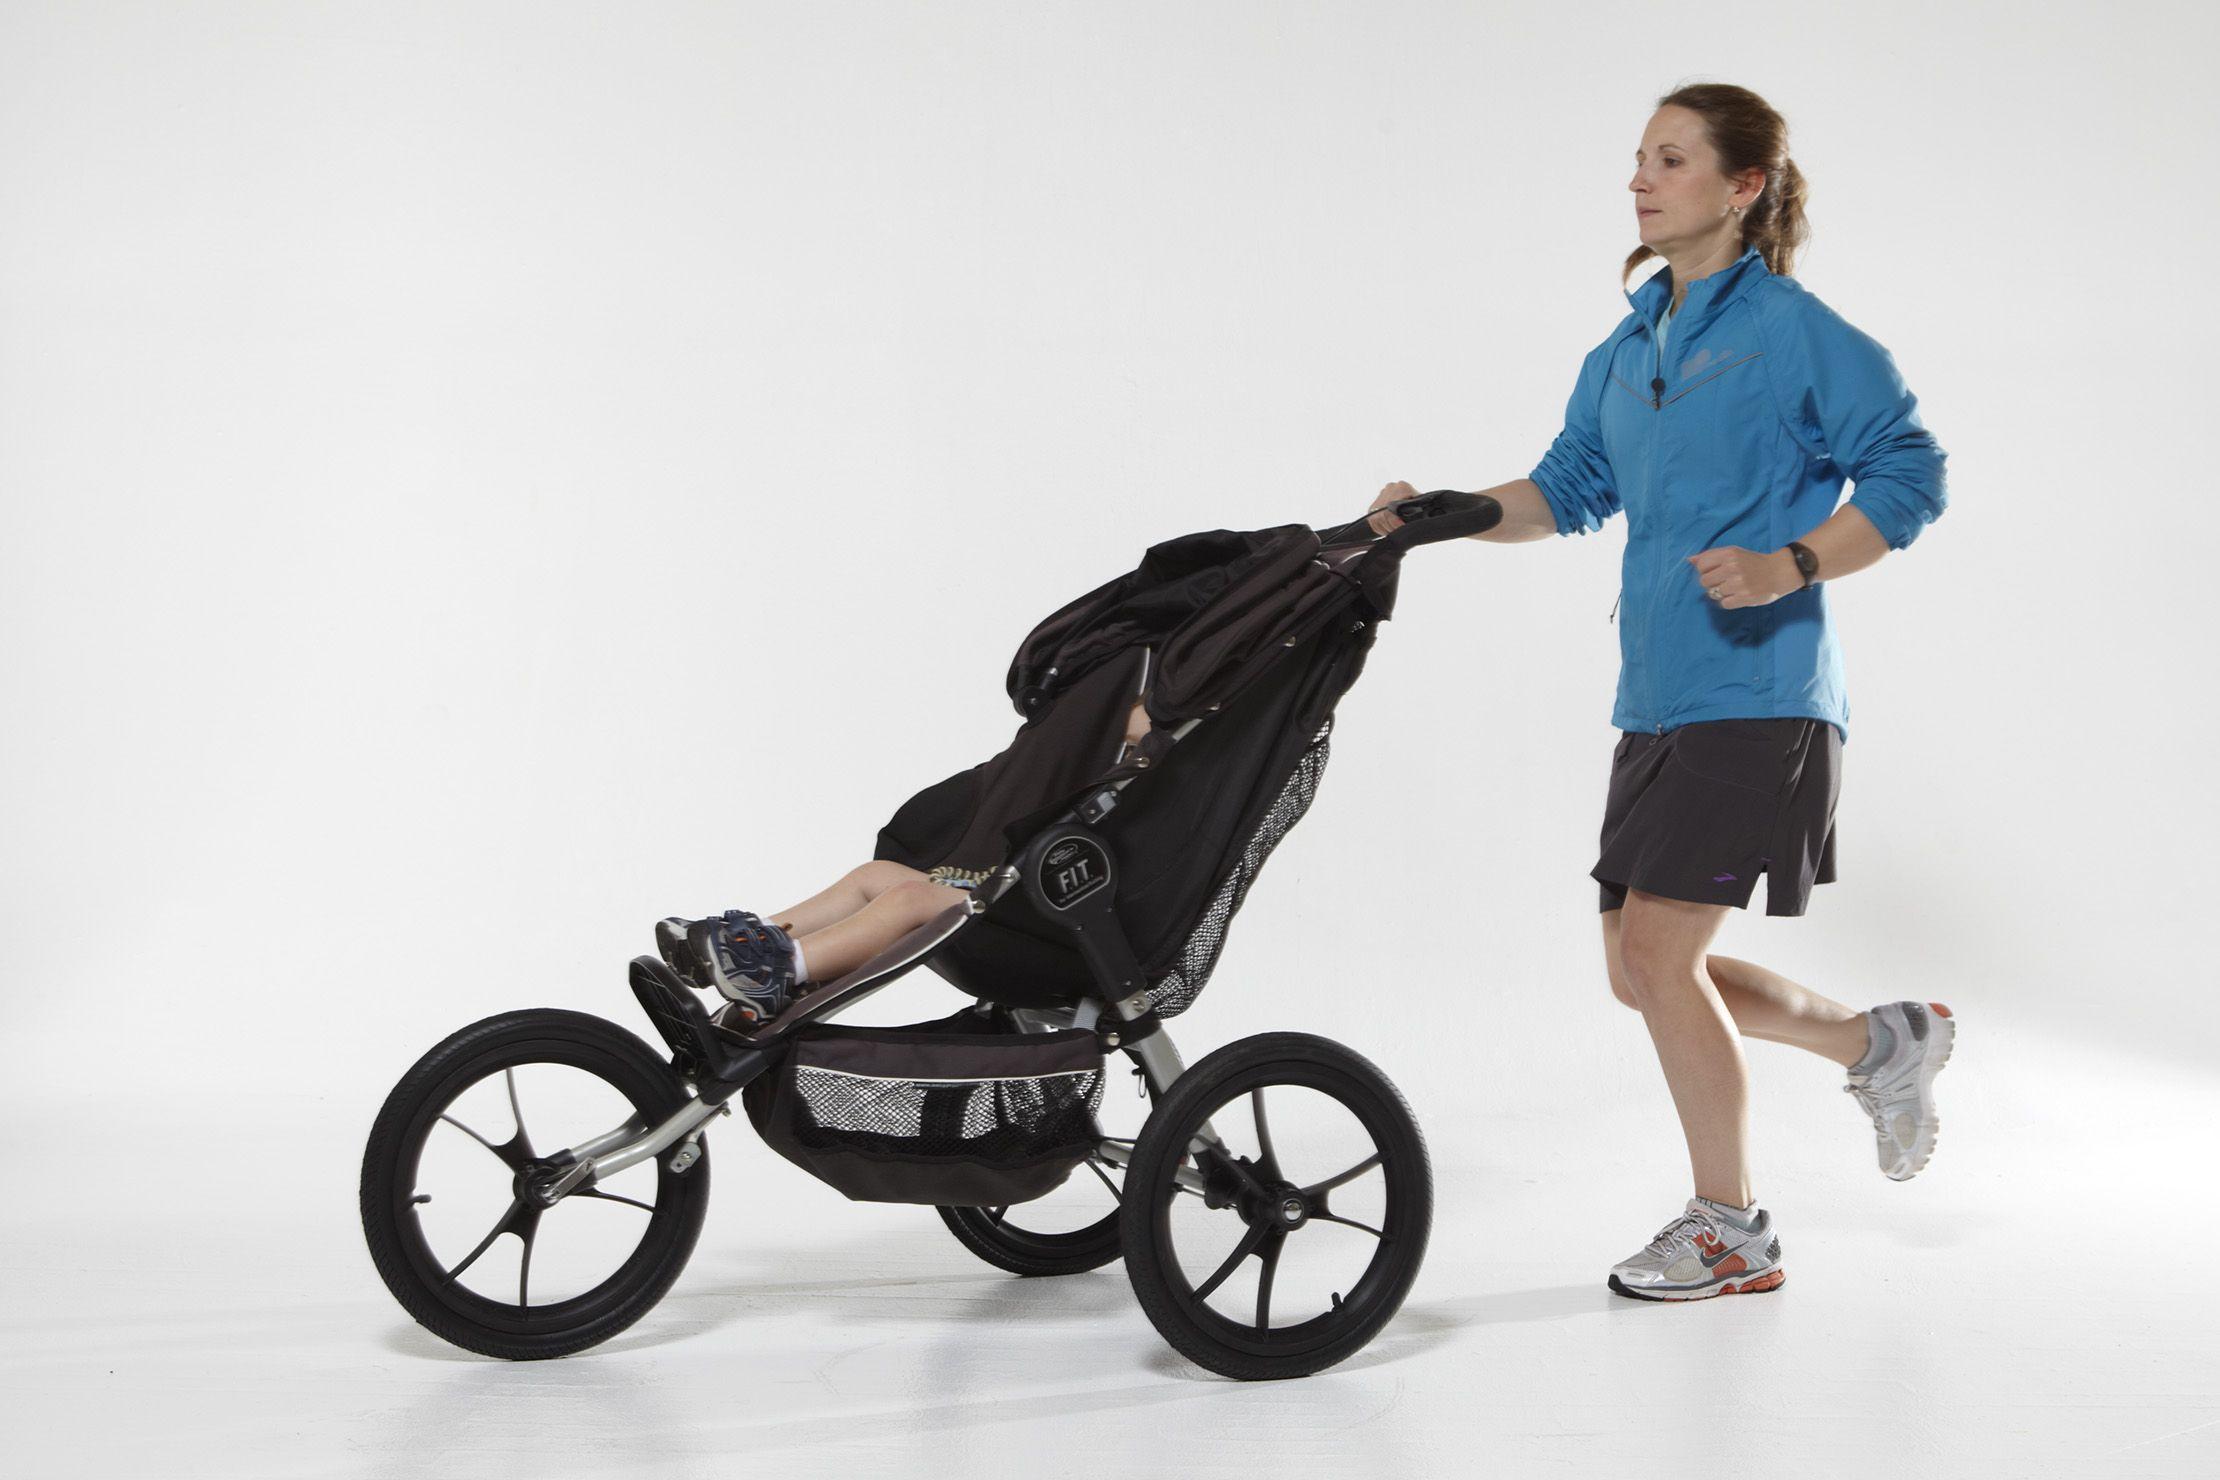 como usan los padres runners estos carros de bayrunning tiendaonlineshop